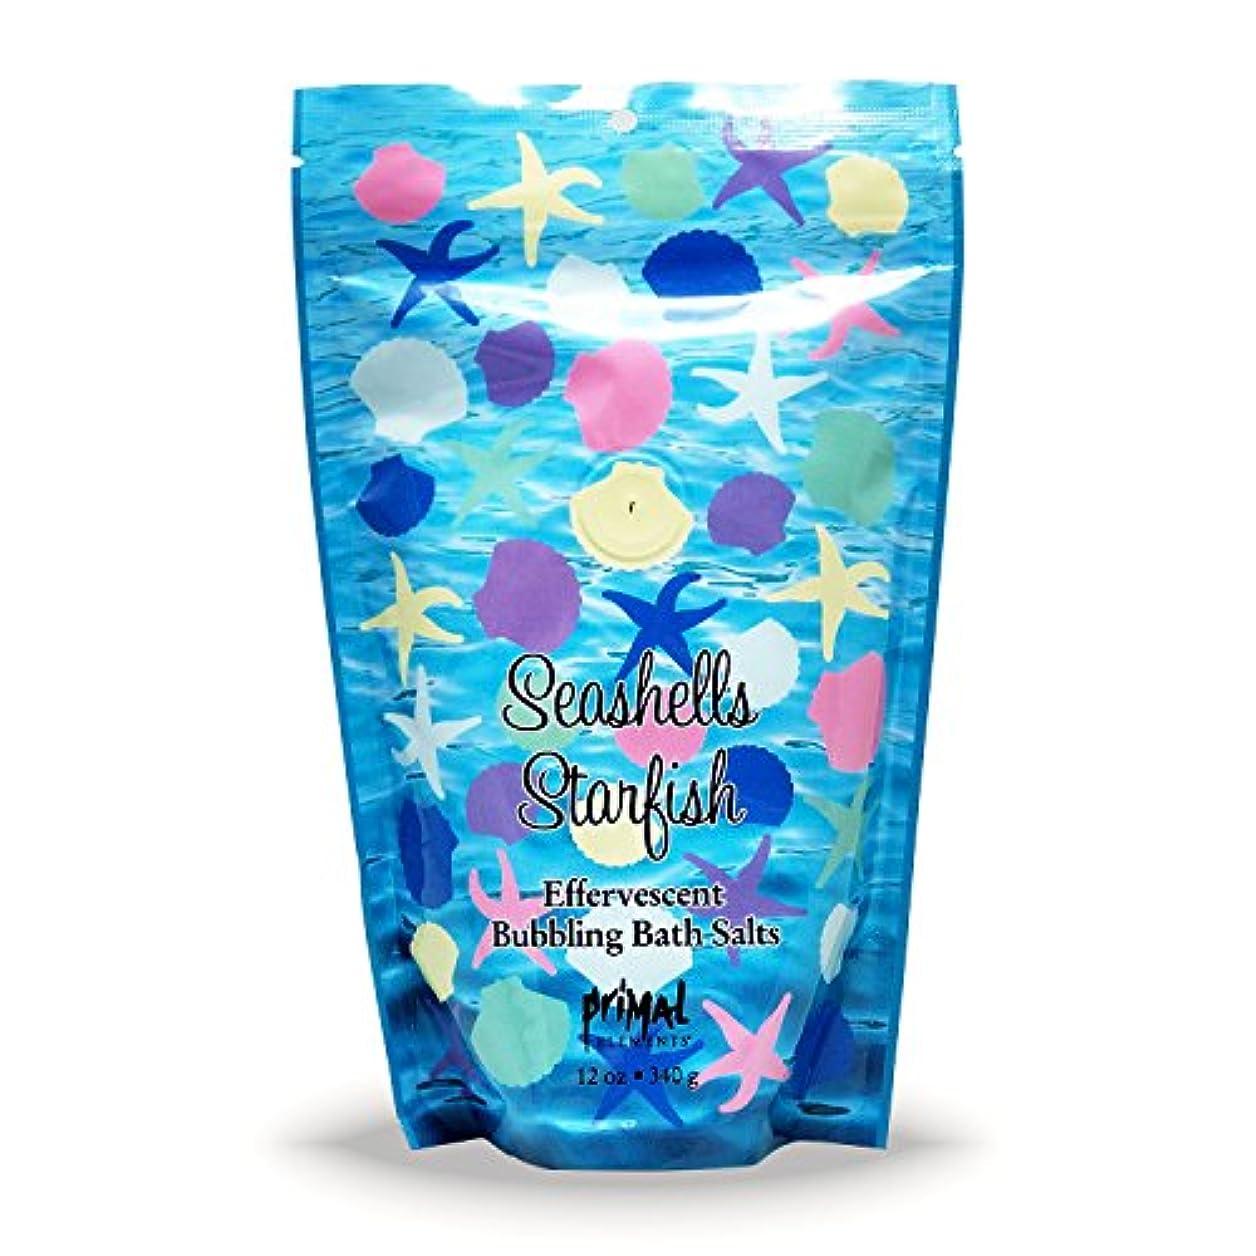 お客様発表症候群プライモールエレメンツ バブリング バスソルト/シーシェル&スターフィッシュ 340g エプソムソルト含有 アロマの香りがひろがる泡立つ入浴剤